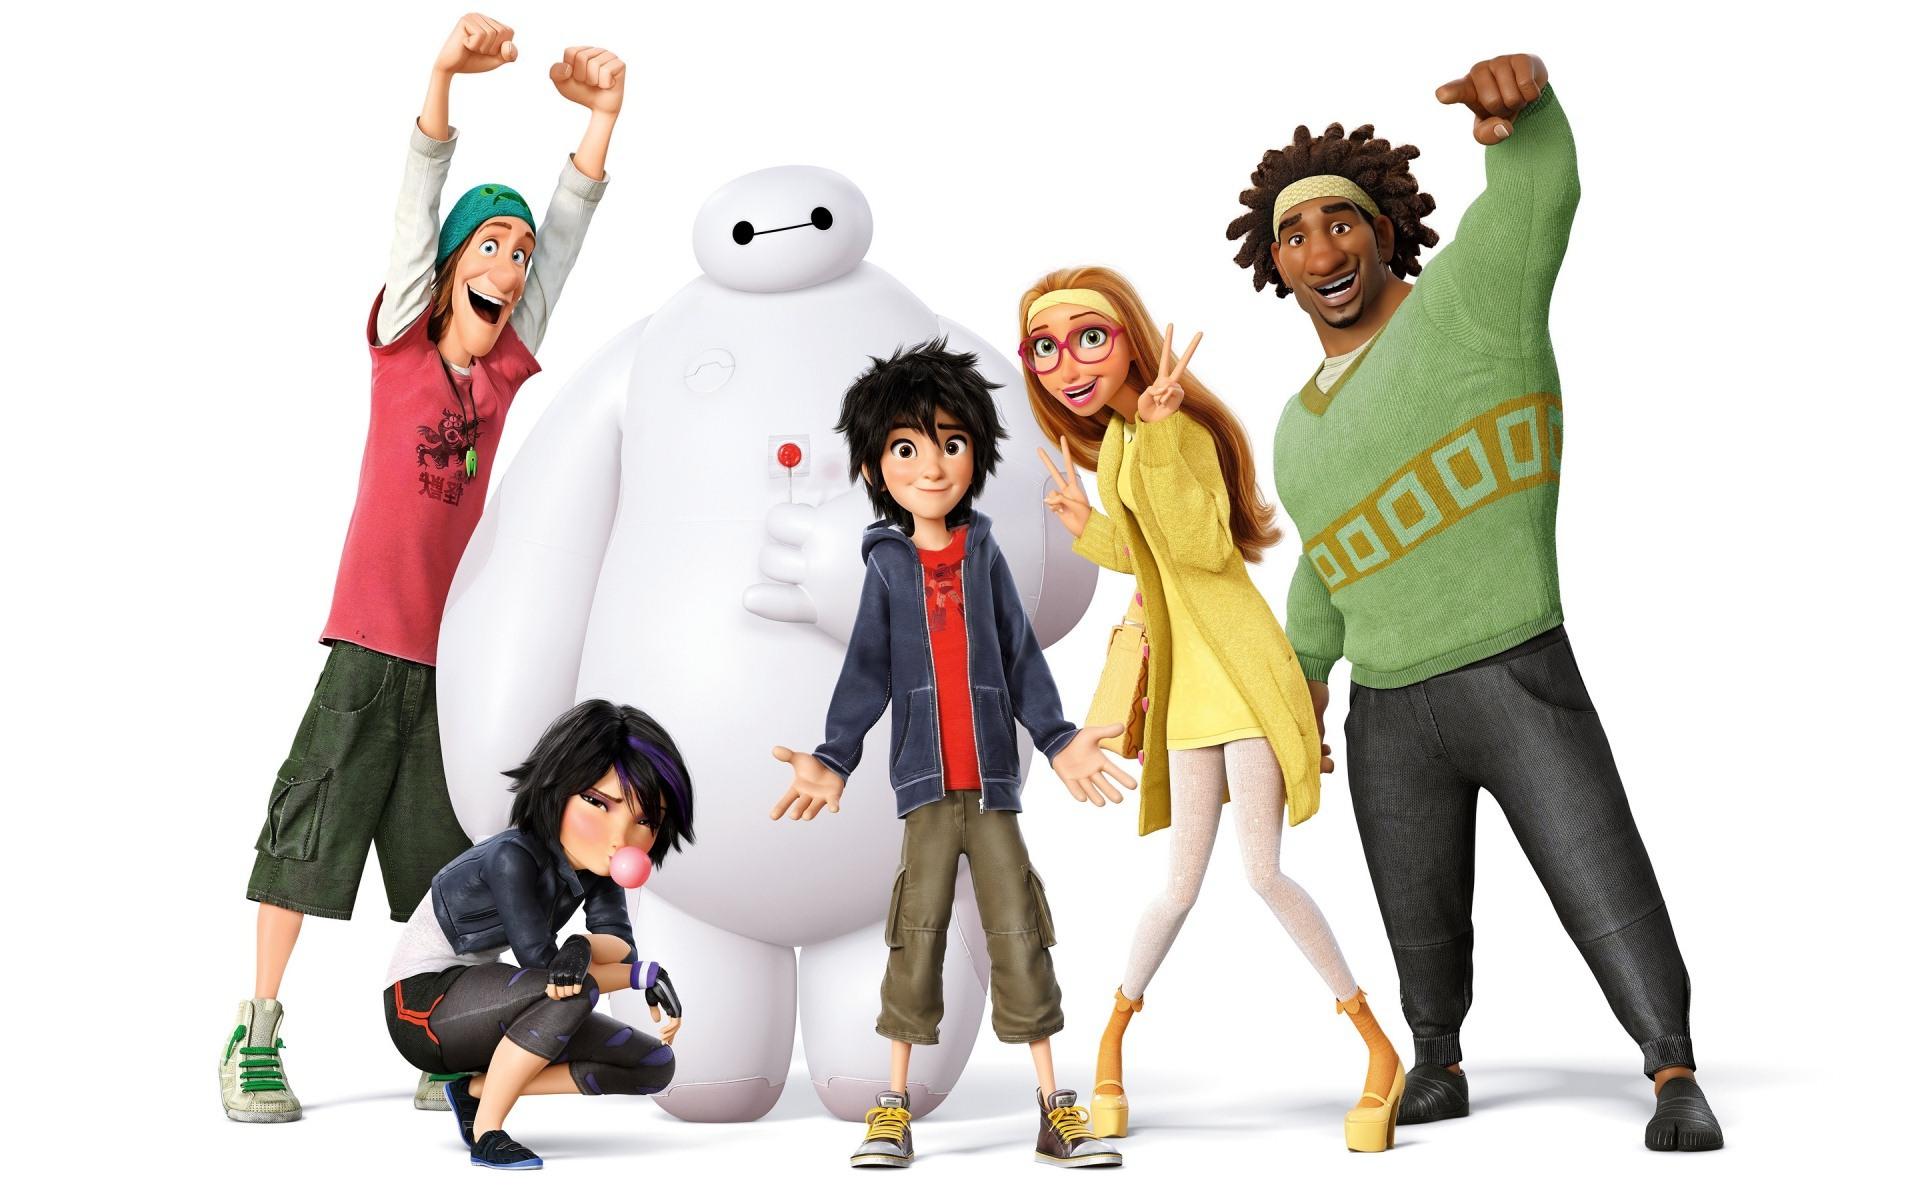 big-hero-6-les-nouveaux-heros-bande-annonce-trailer-vf